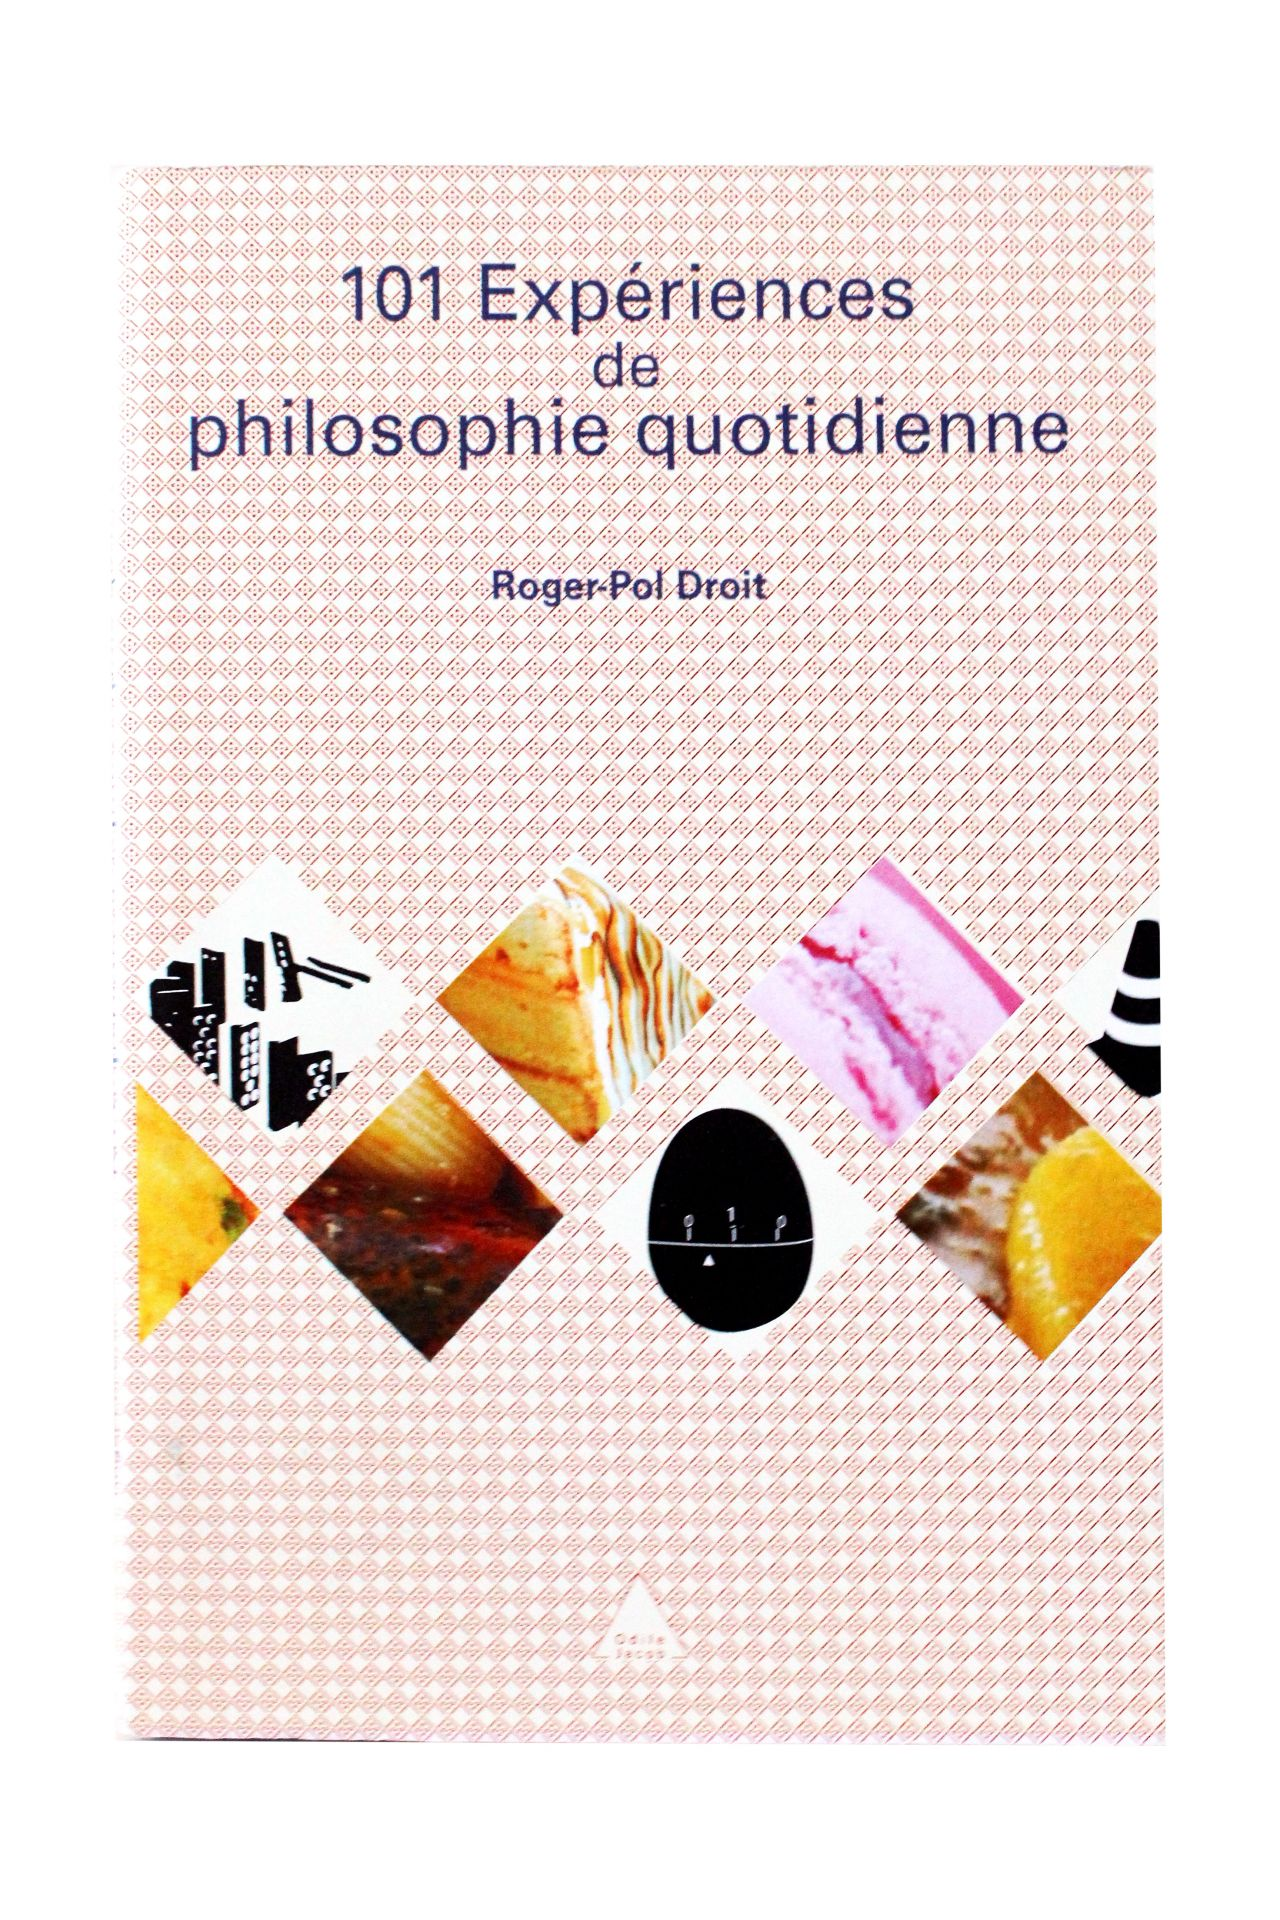 101 expériences de philosophie quotidienne est un livre qui contient  différentes expériences pour remettre en question notre environnement ainsi  que ...